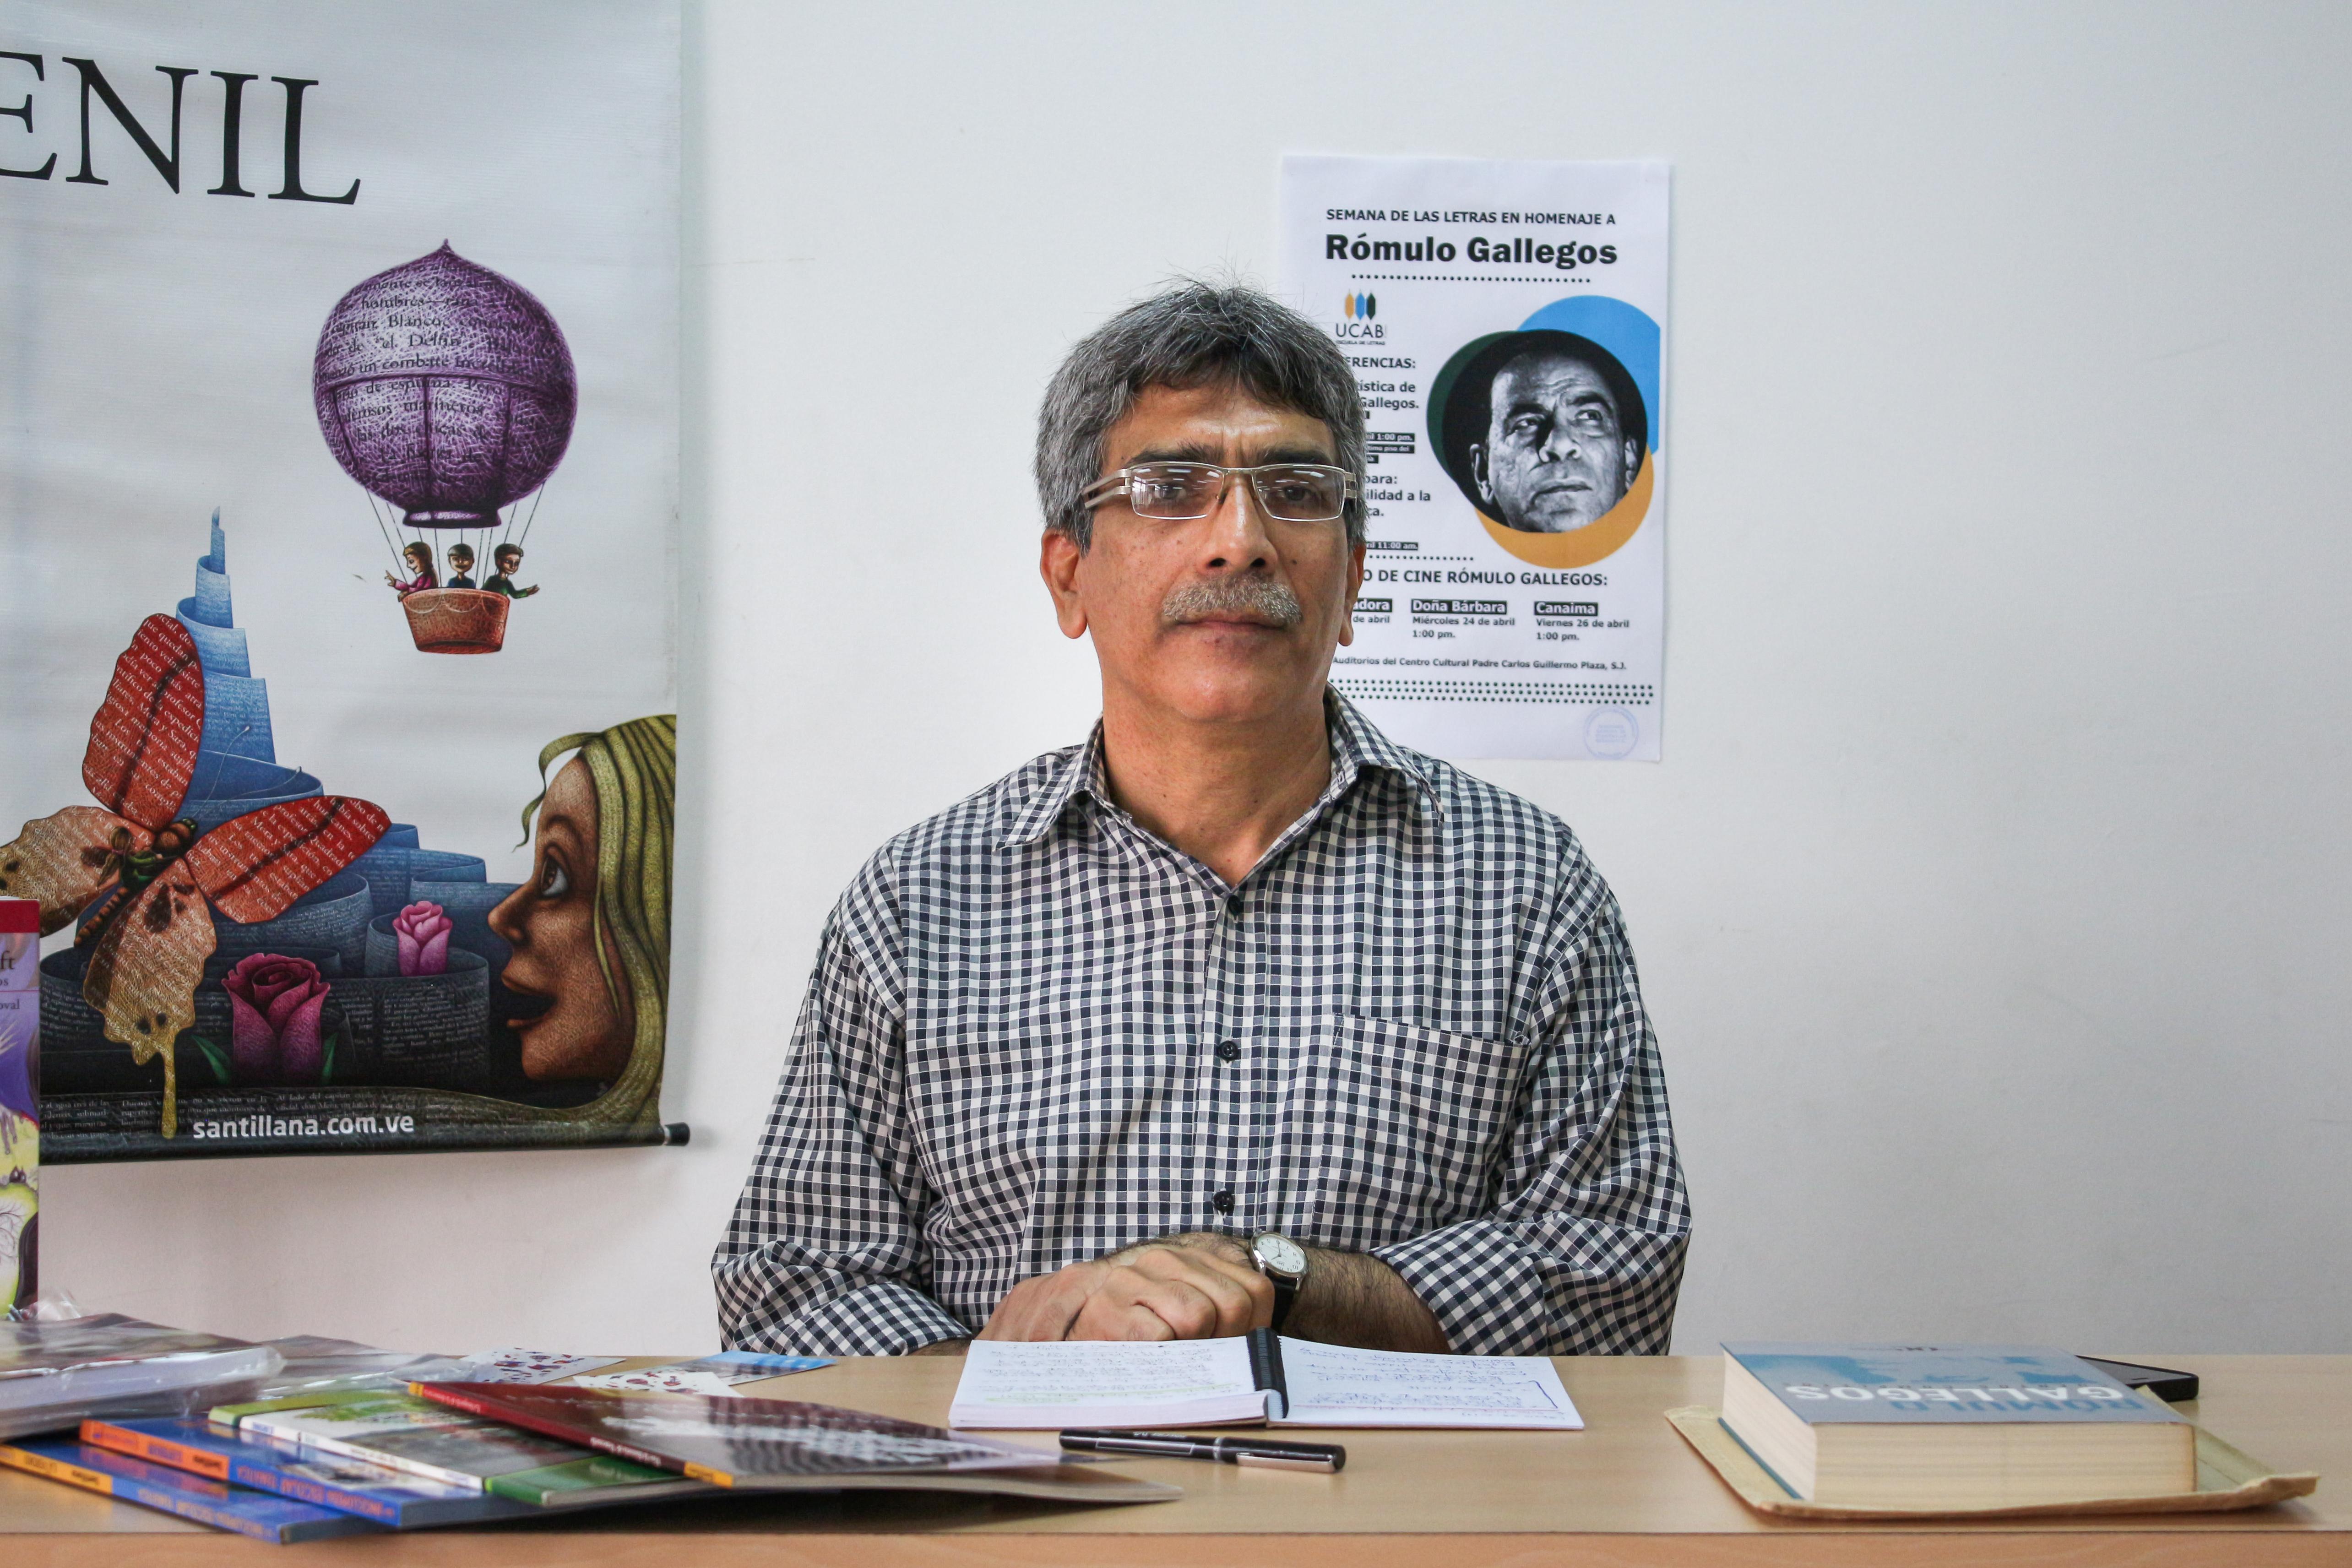 El Ucabista pregunta sobre Rómulo Gallegos a… Carlos Sandoval